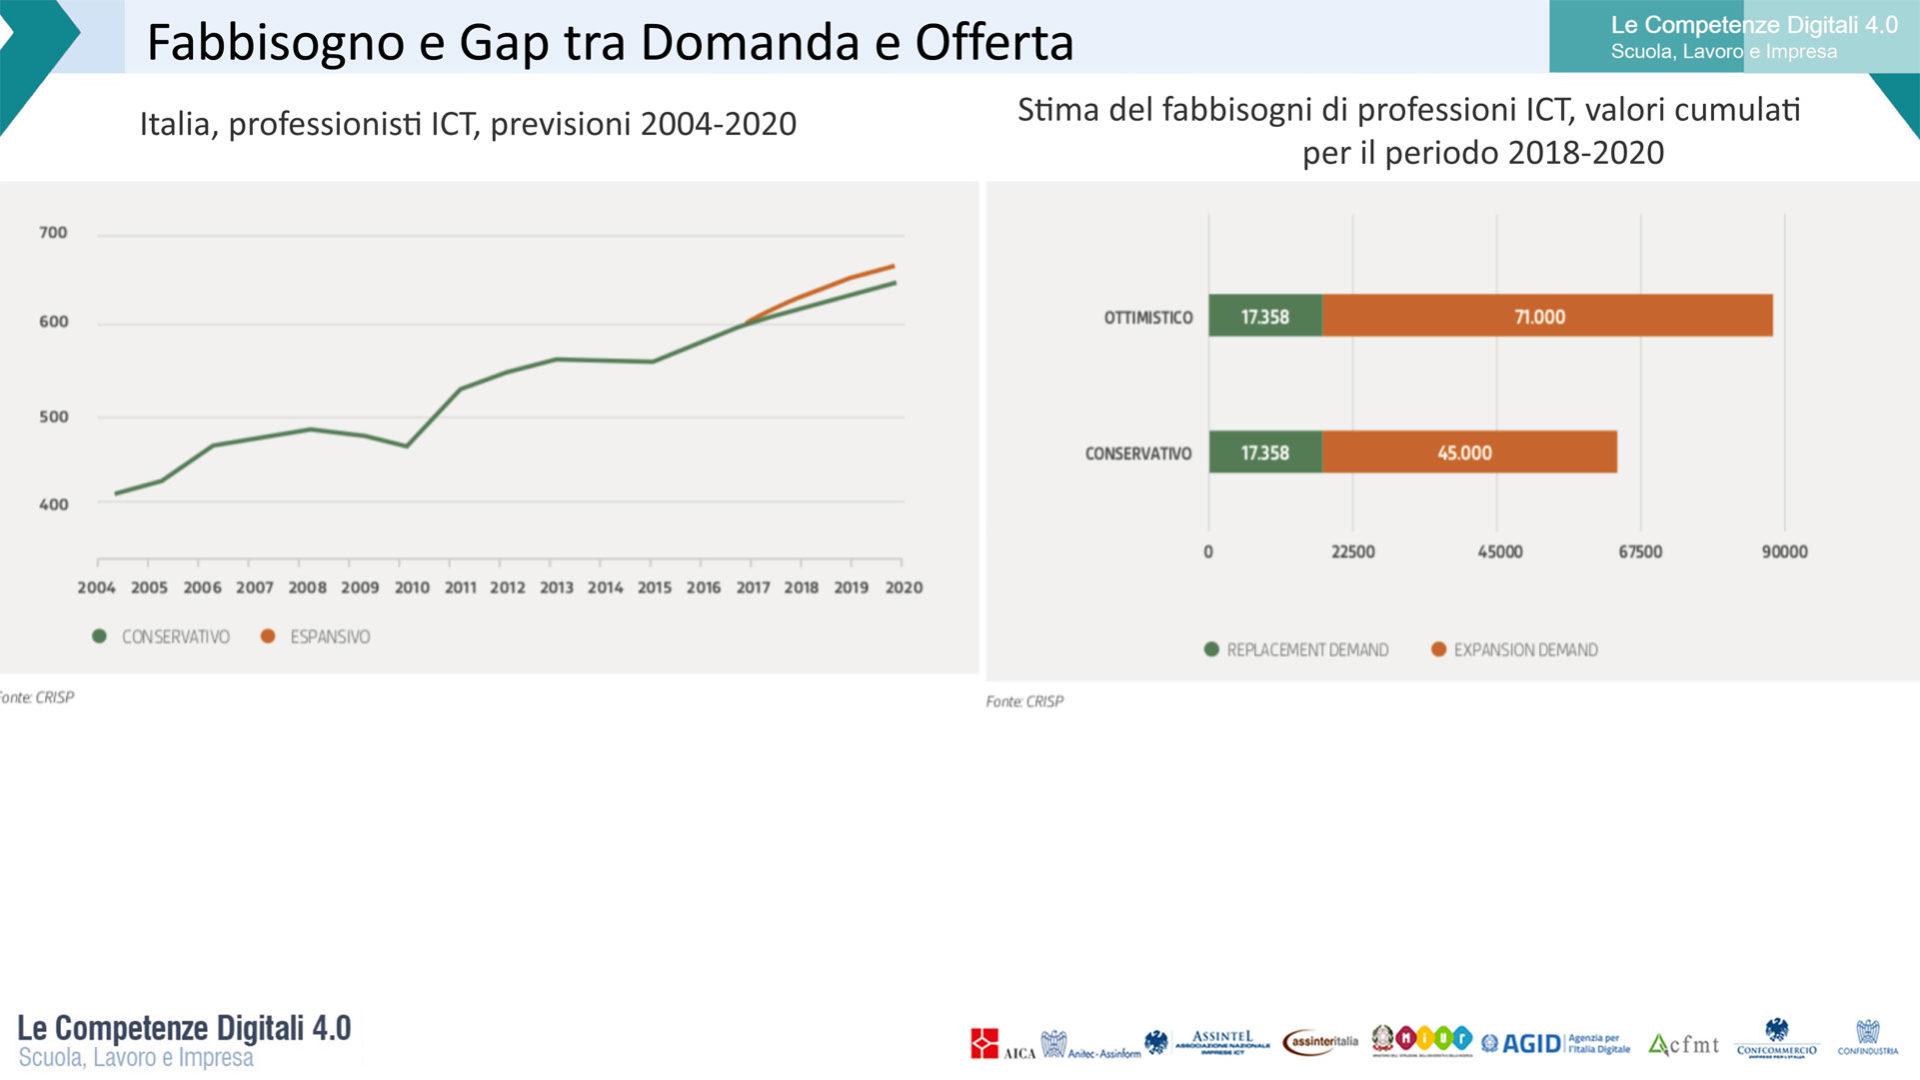 Grafico che rappresenta La stima del fabbisogno di professioni ICT